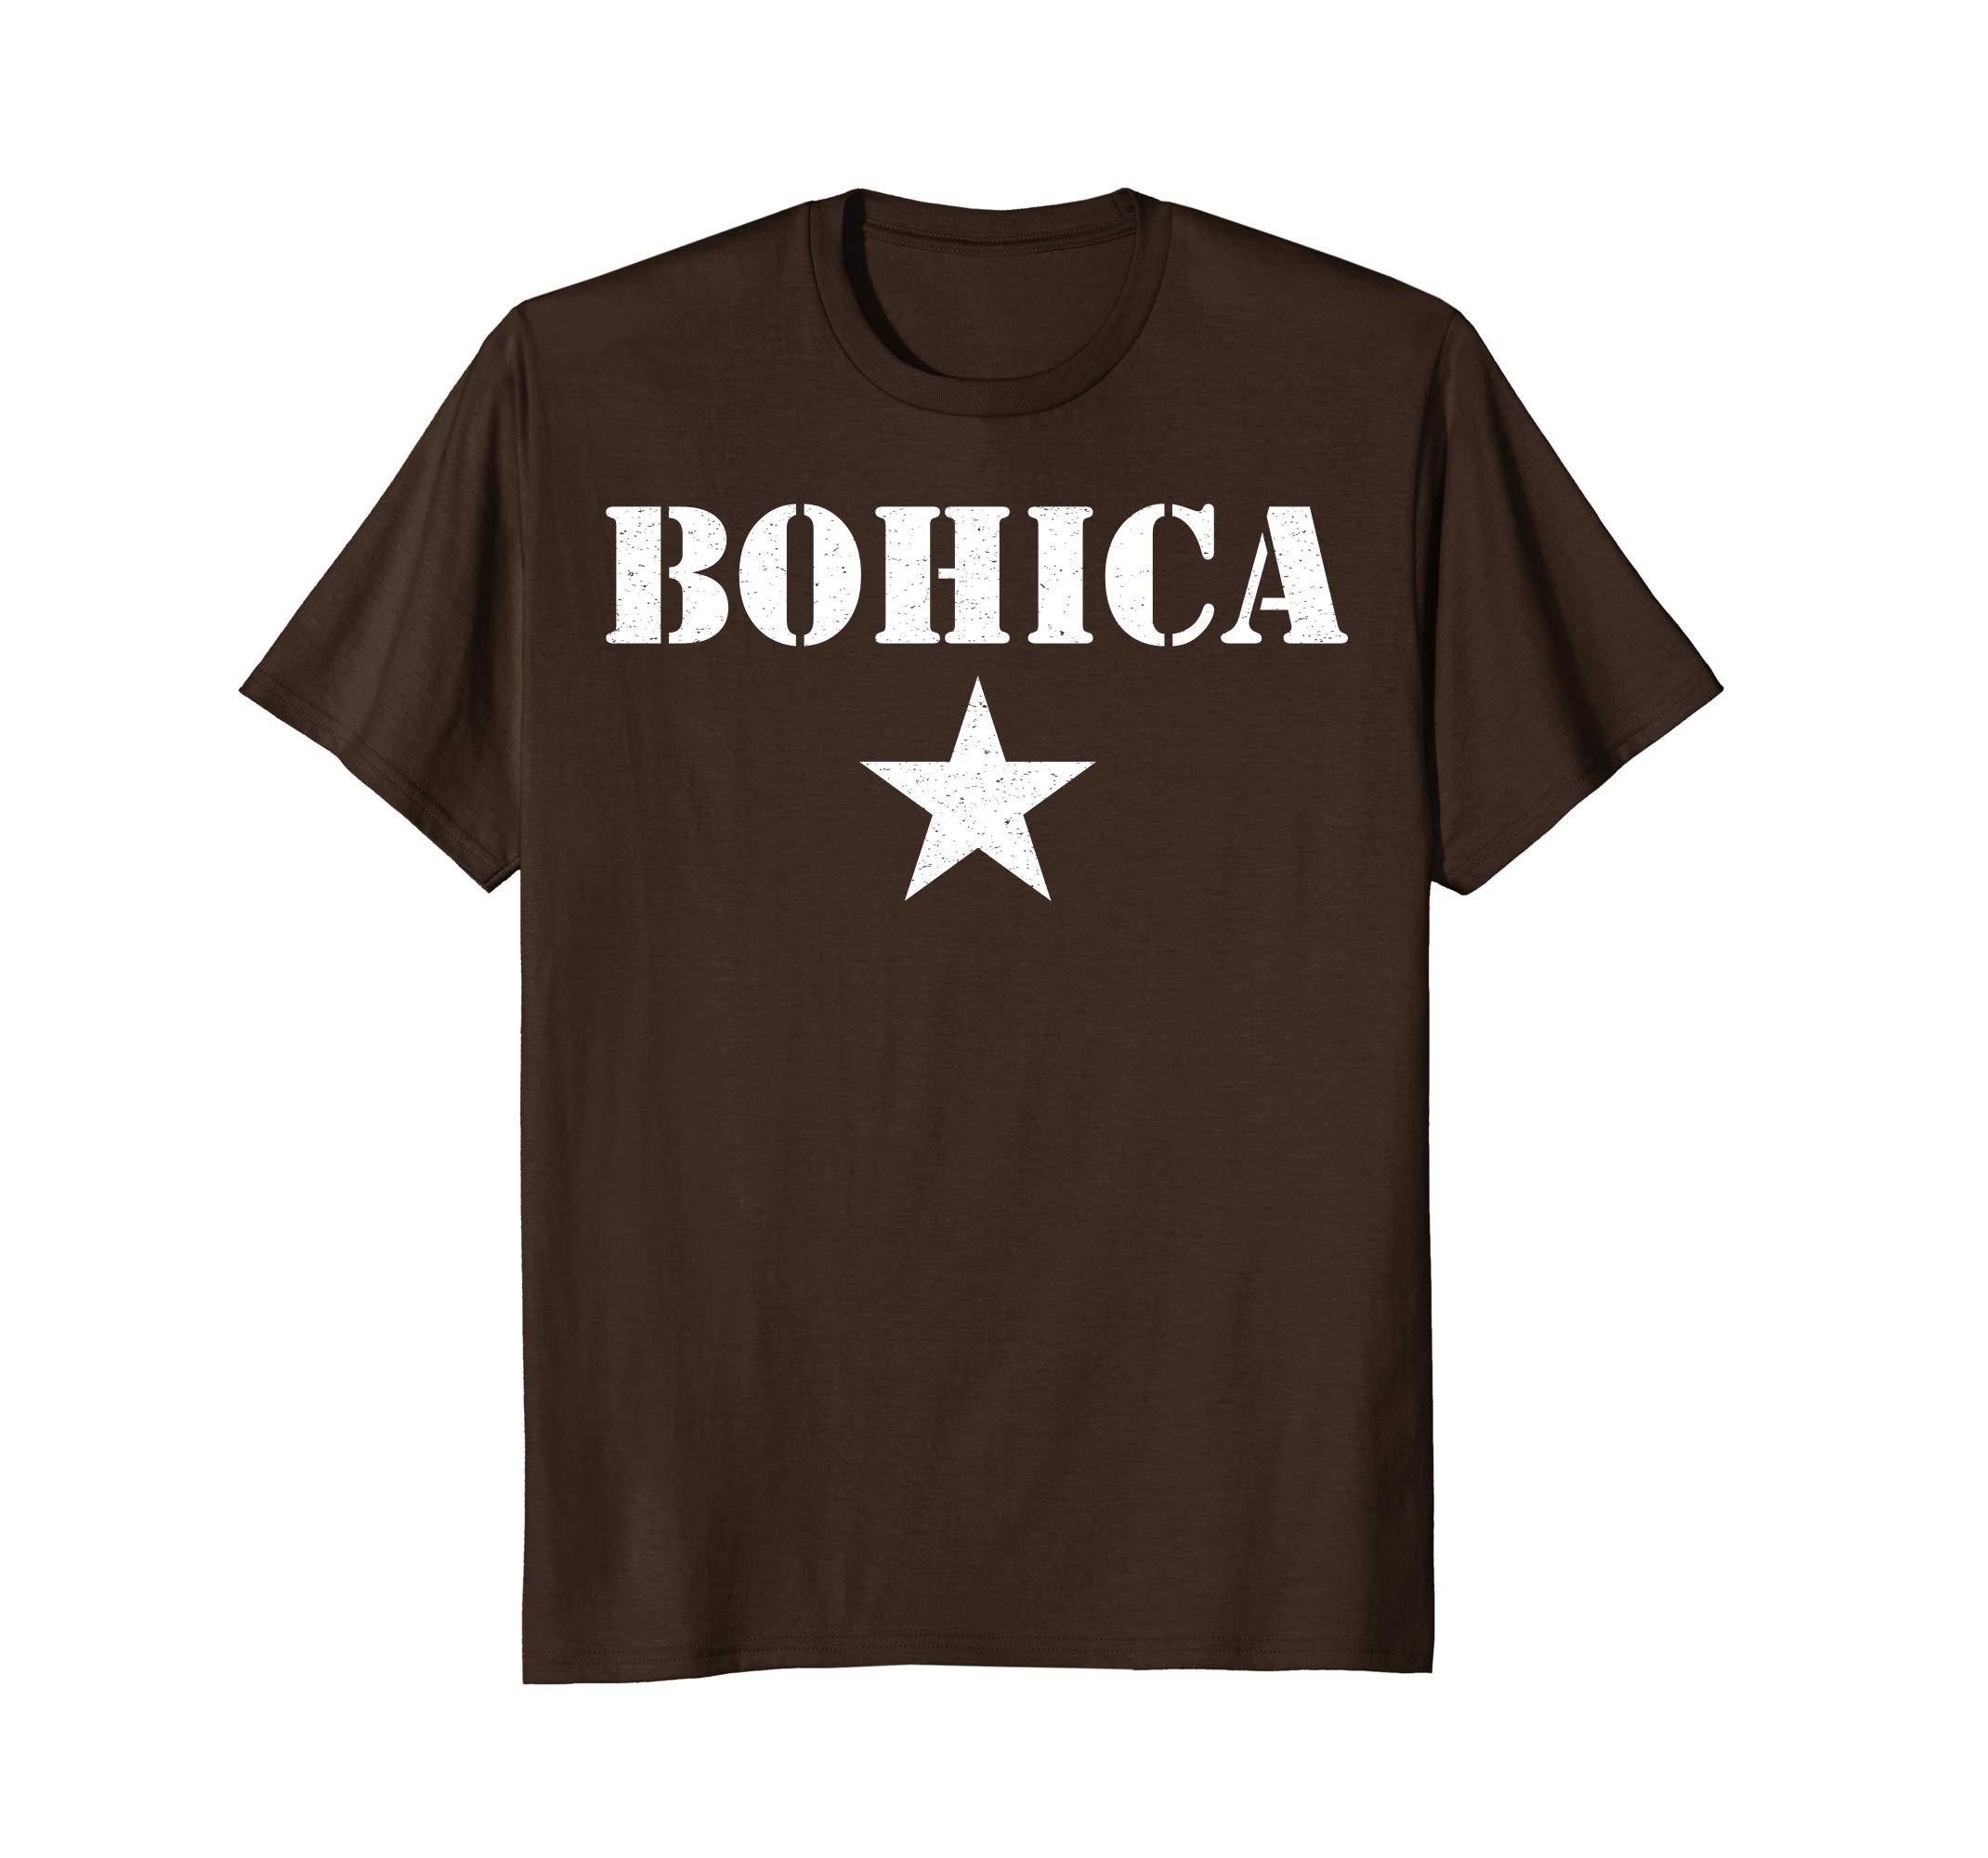 Amazon.com: BOHICA Shirt Funny Military Slang Tee: Clothing.